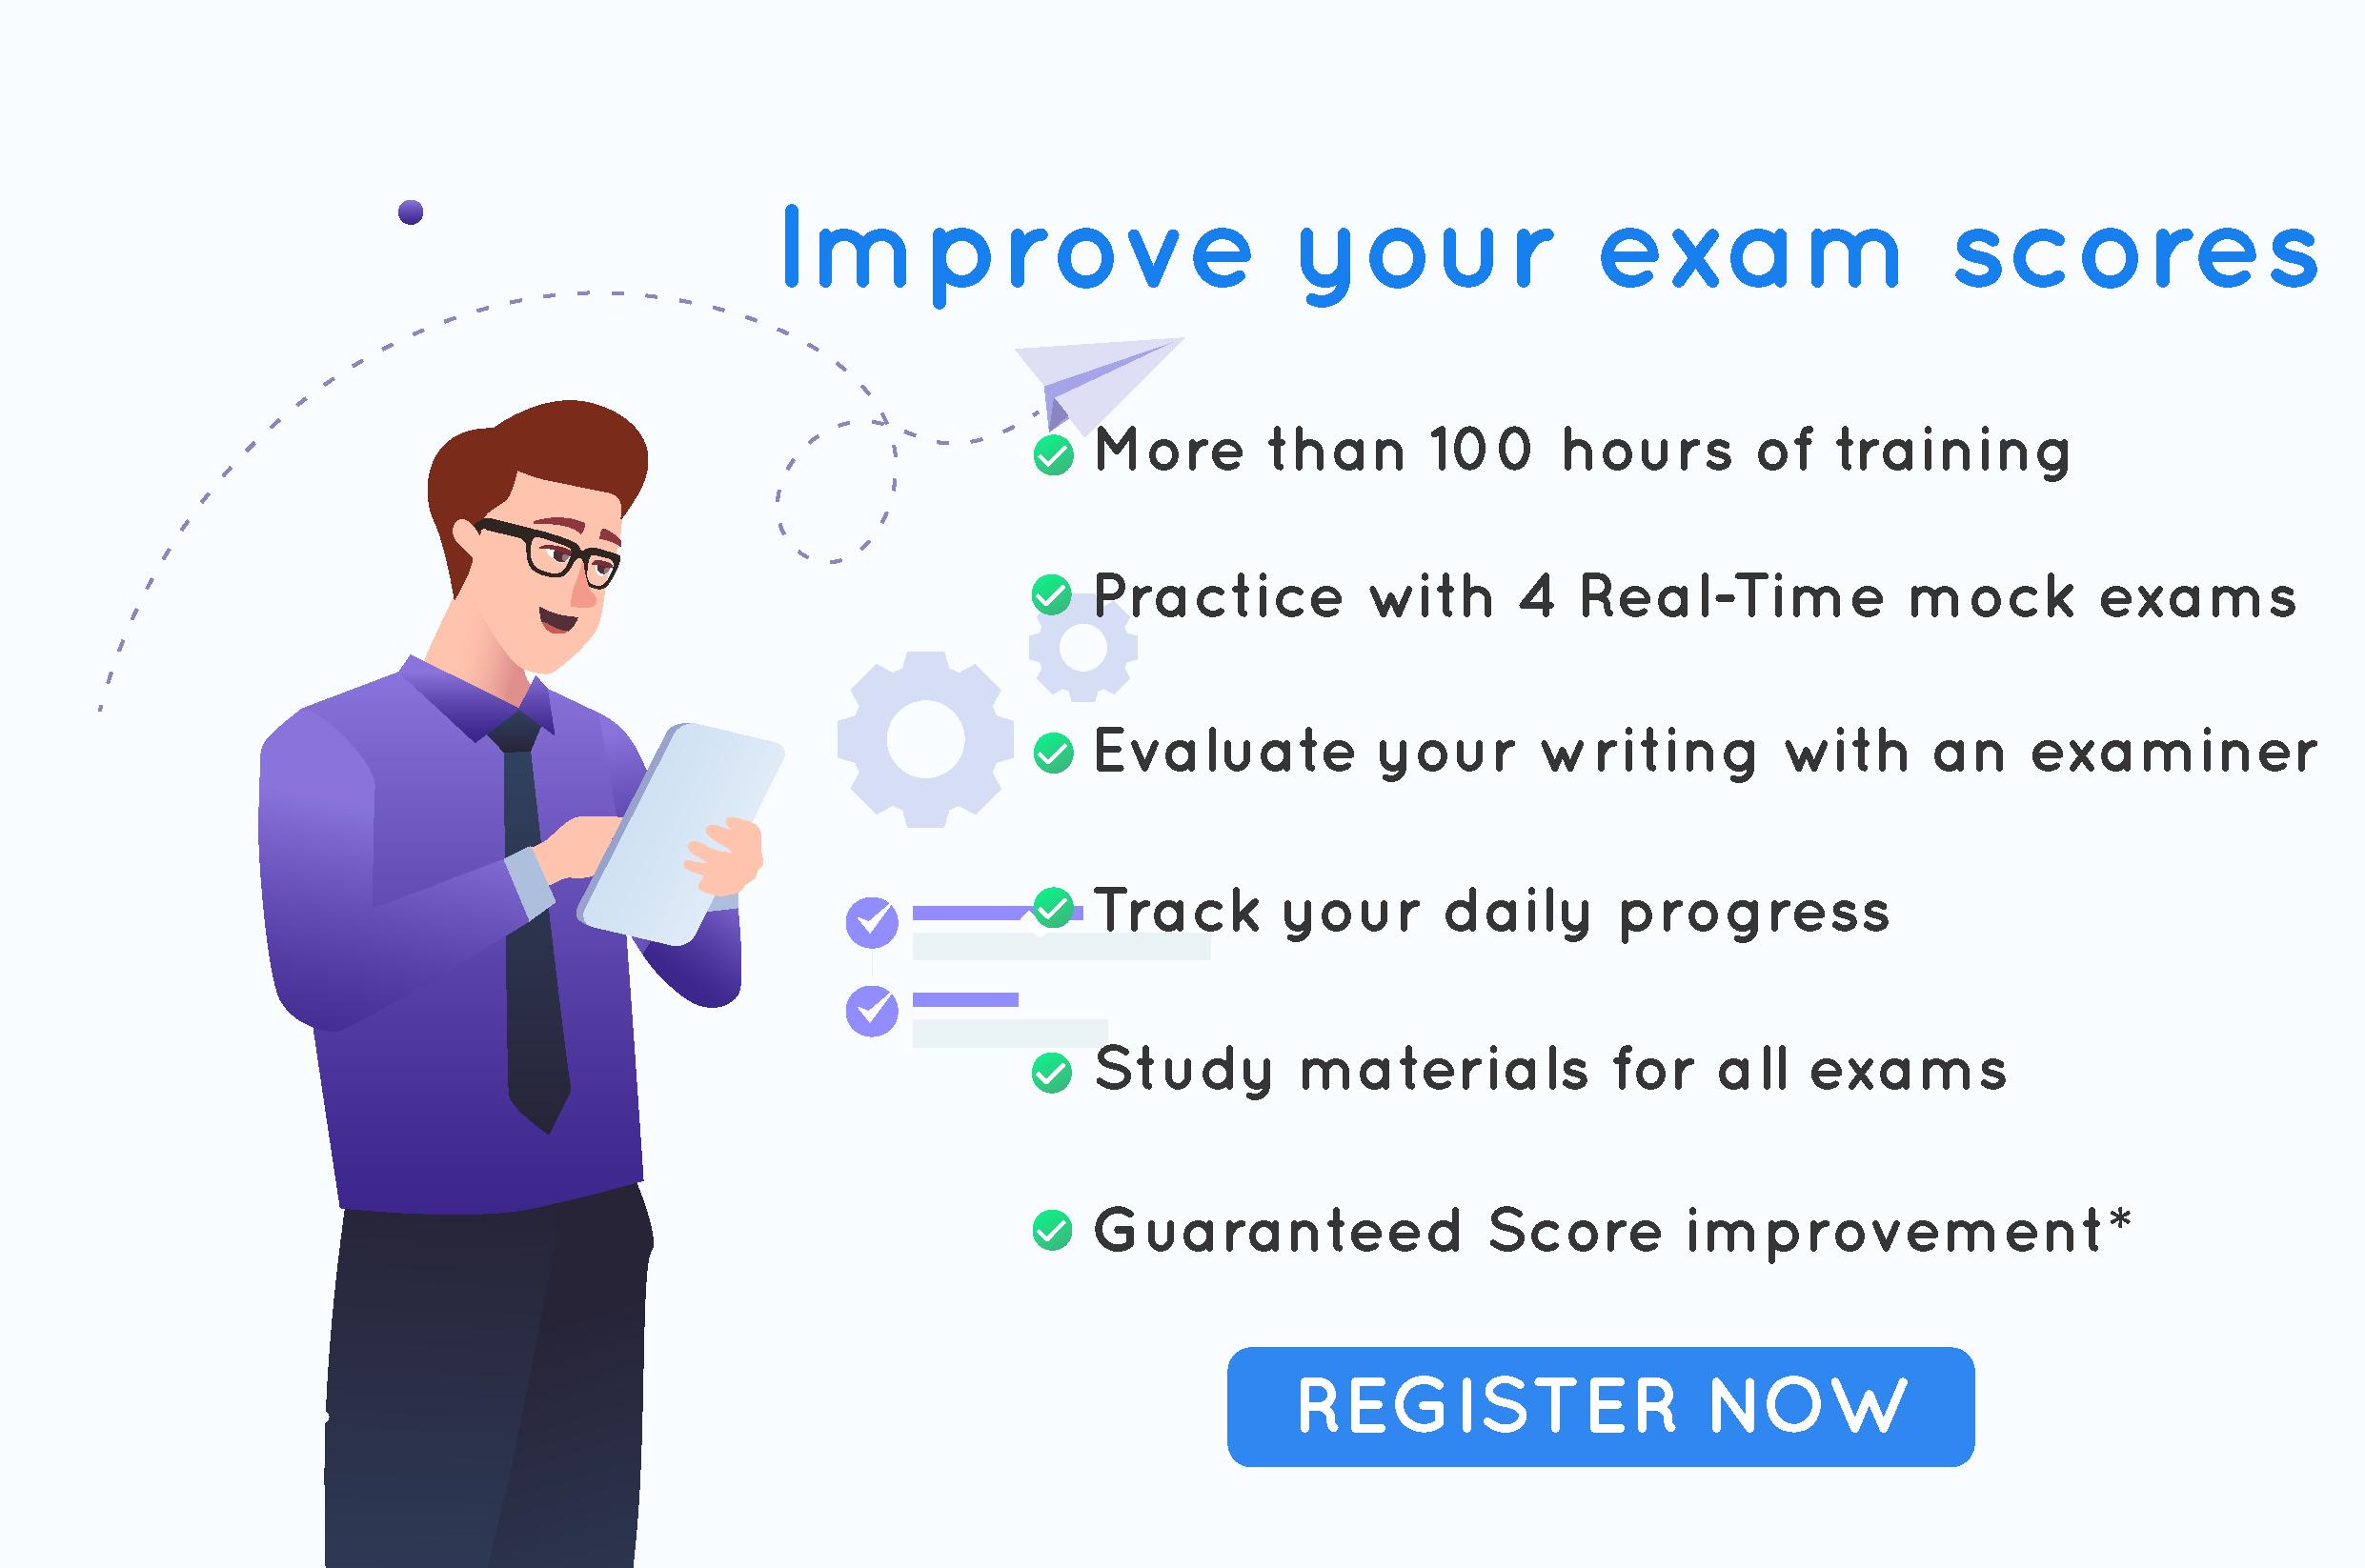 Exam-Pratcice